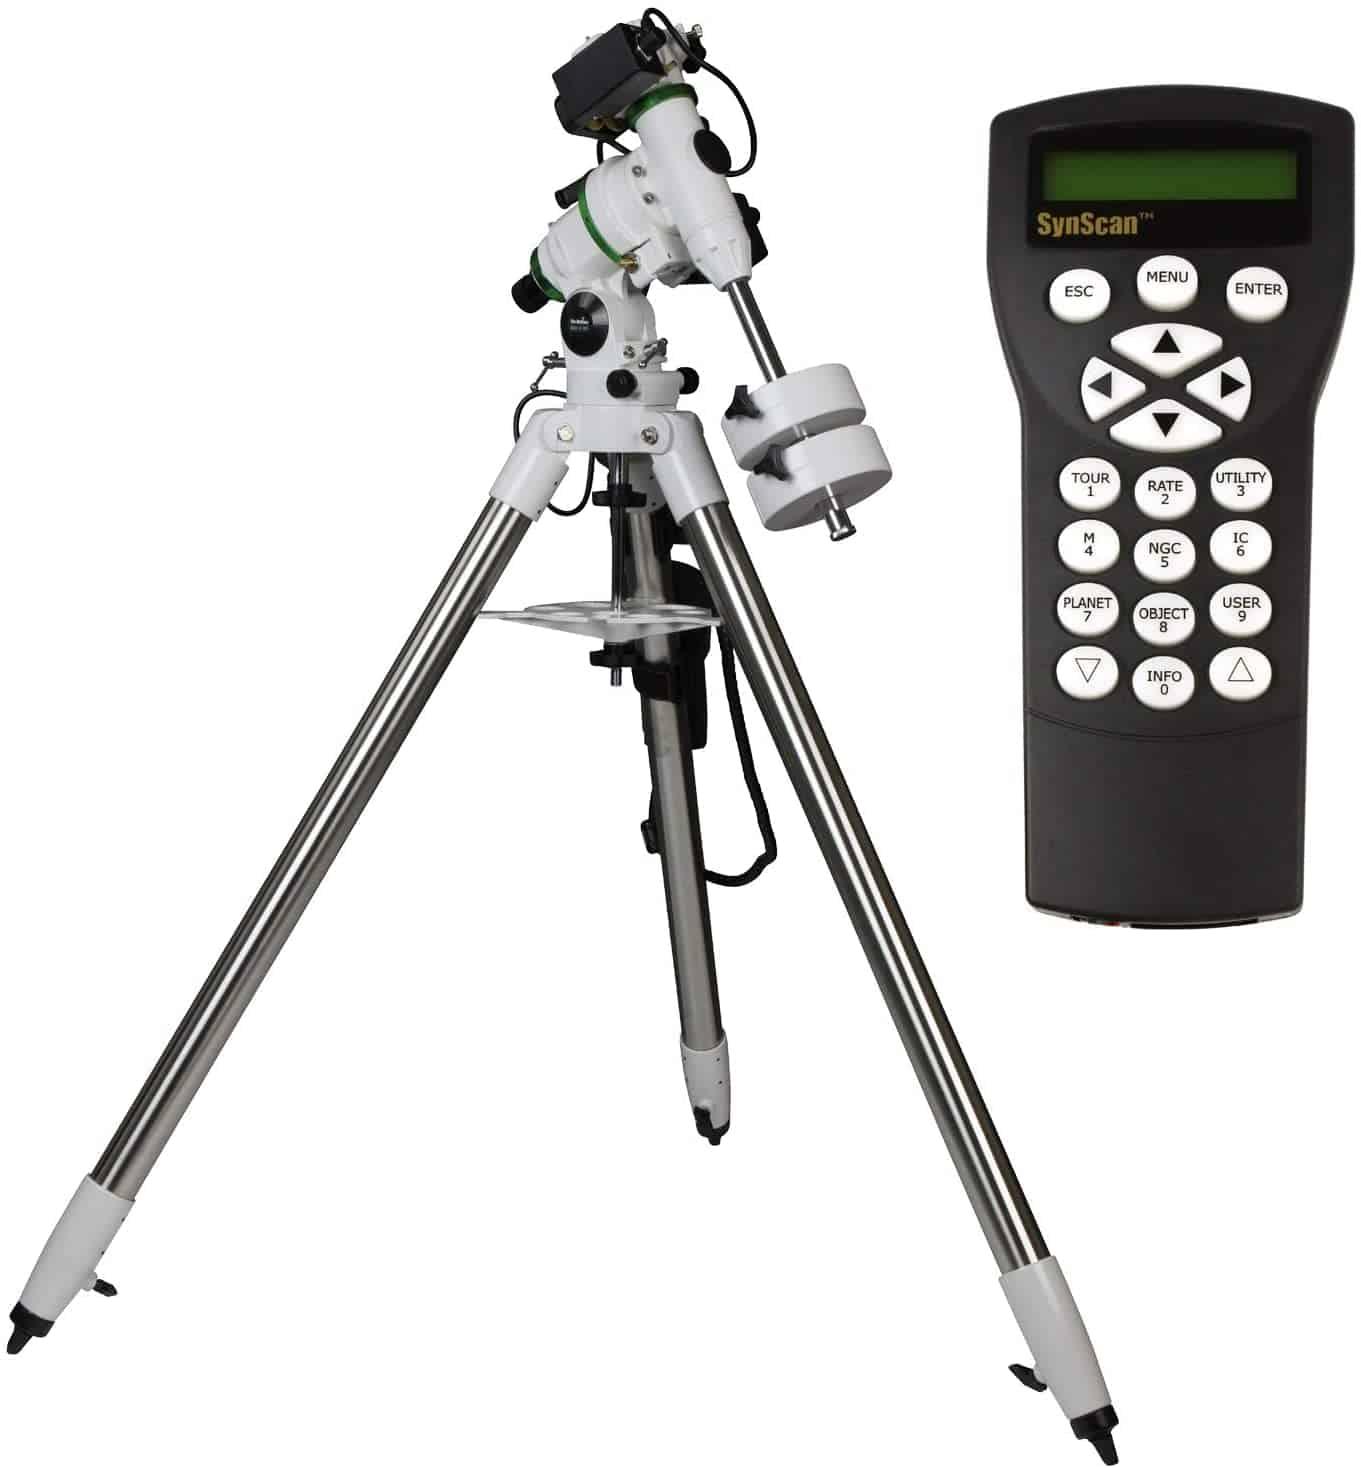 Sky-Watcher EQM-35 Mount